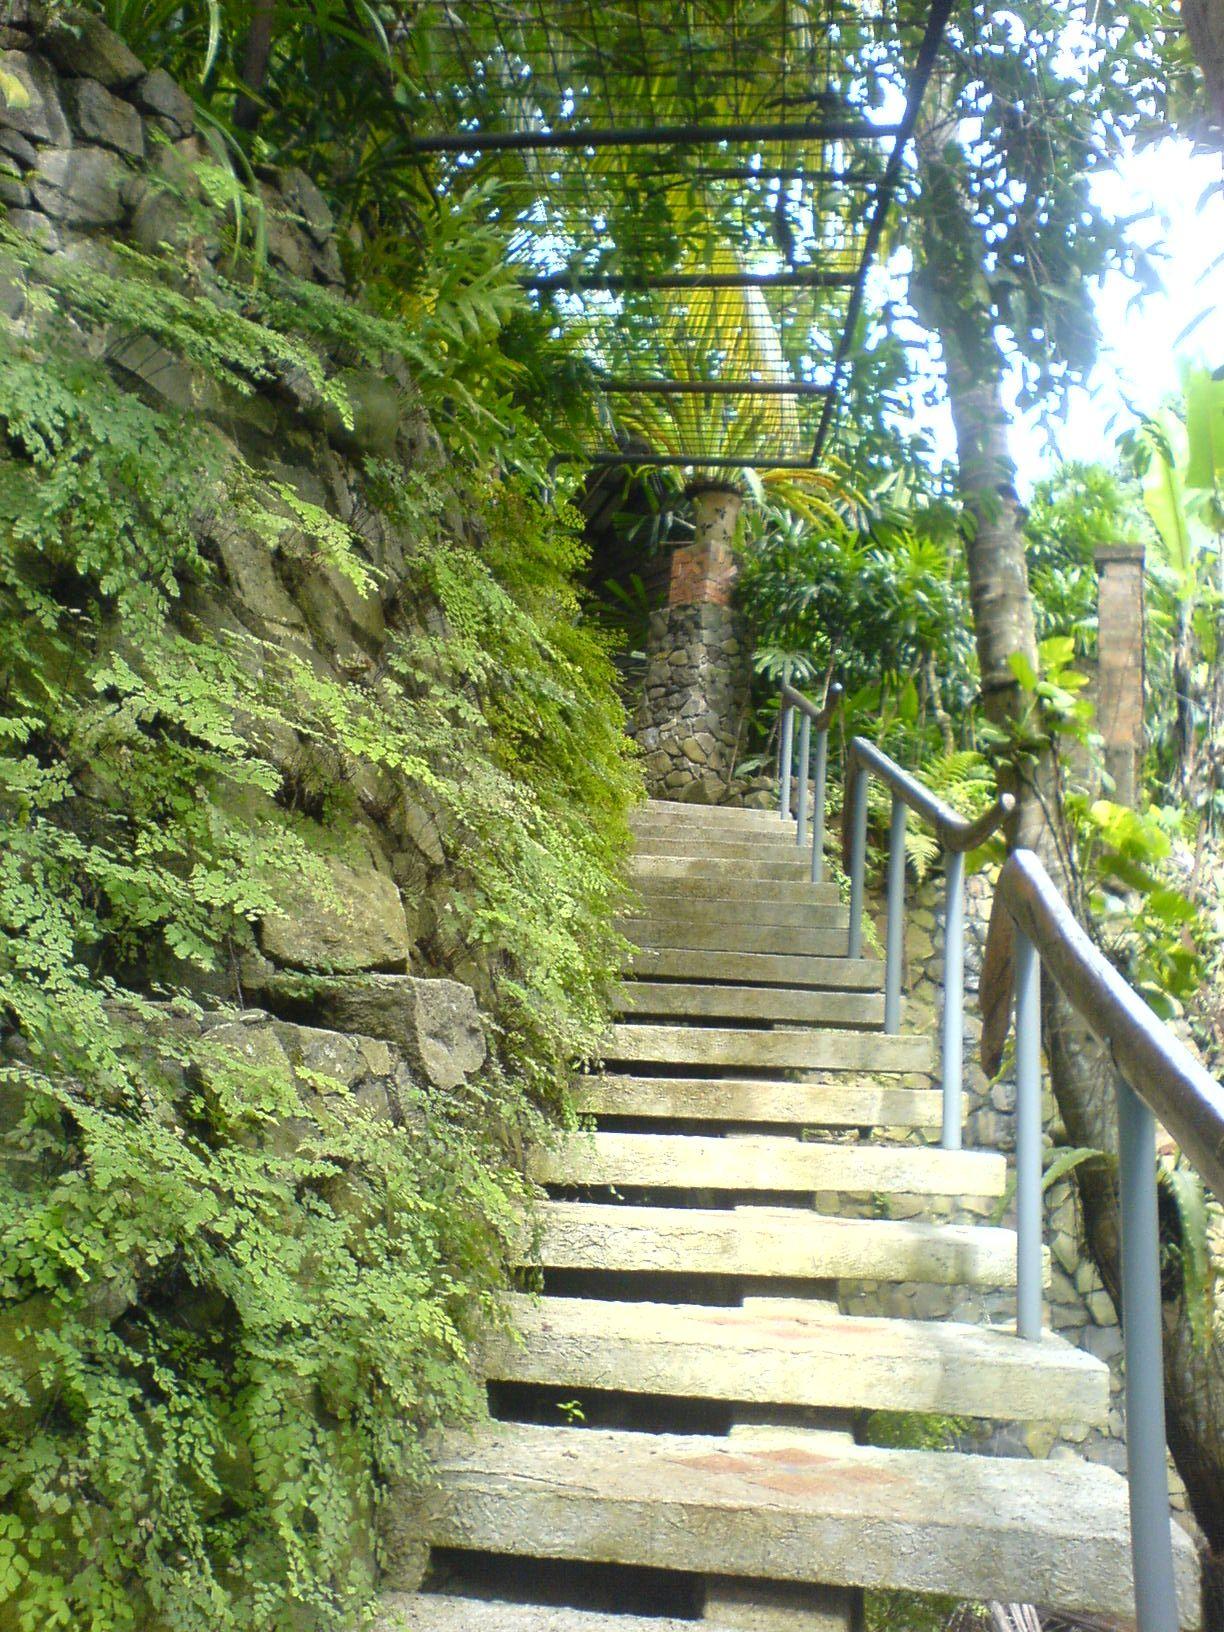 Outside stairs. Photo's taken at Rumah Keramik, Depok